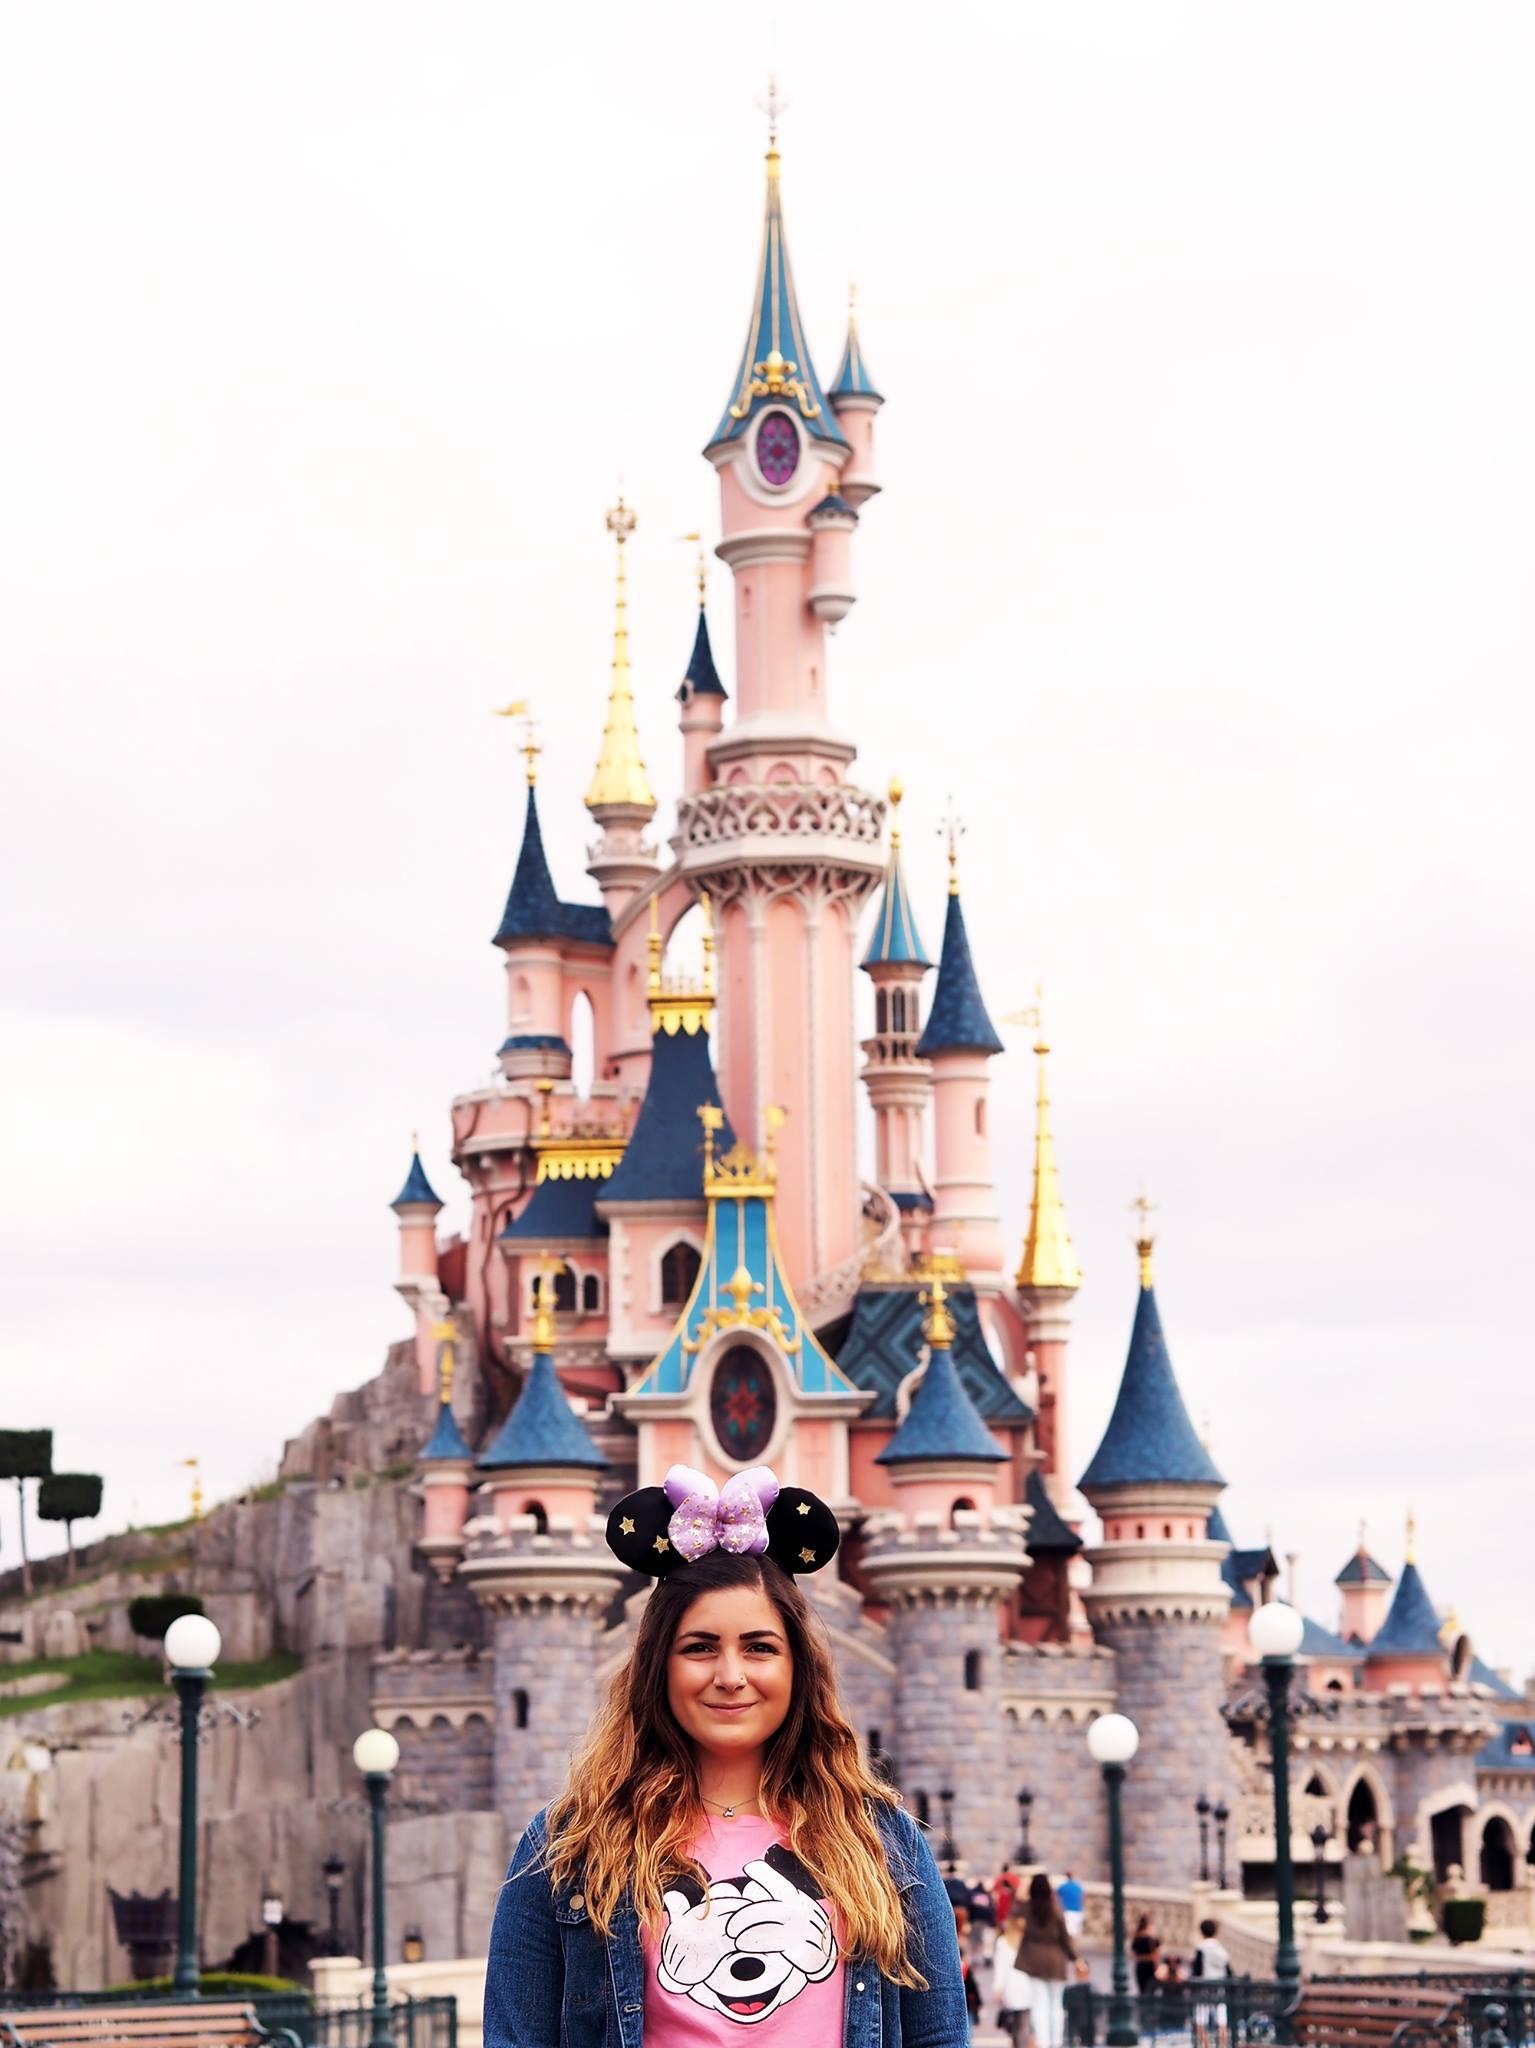 Ioanna | Disneyland Paris 2017